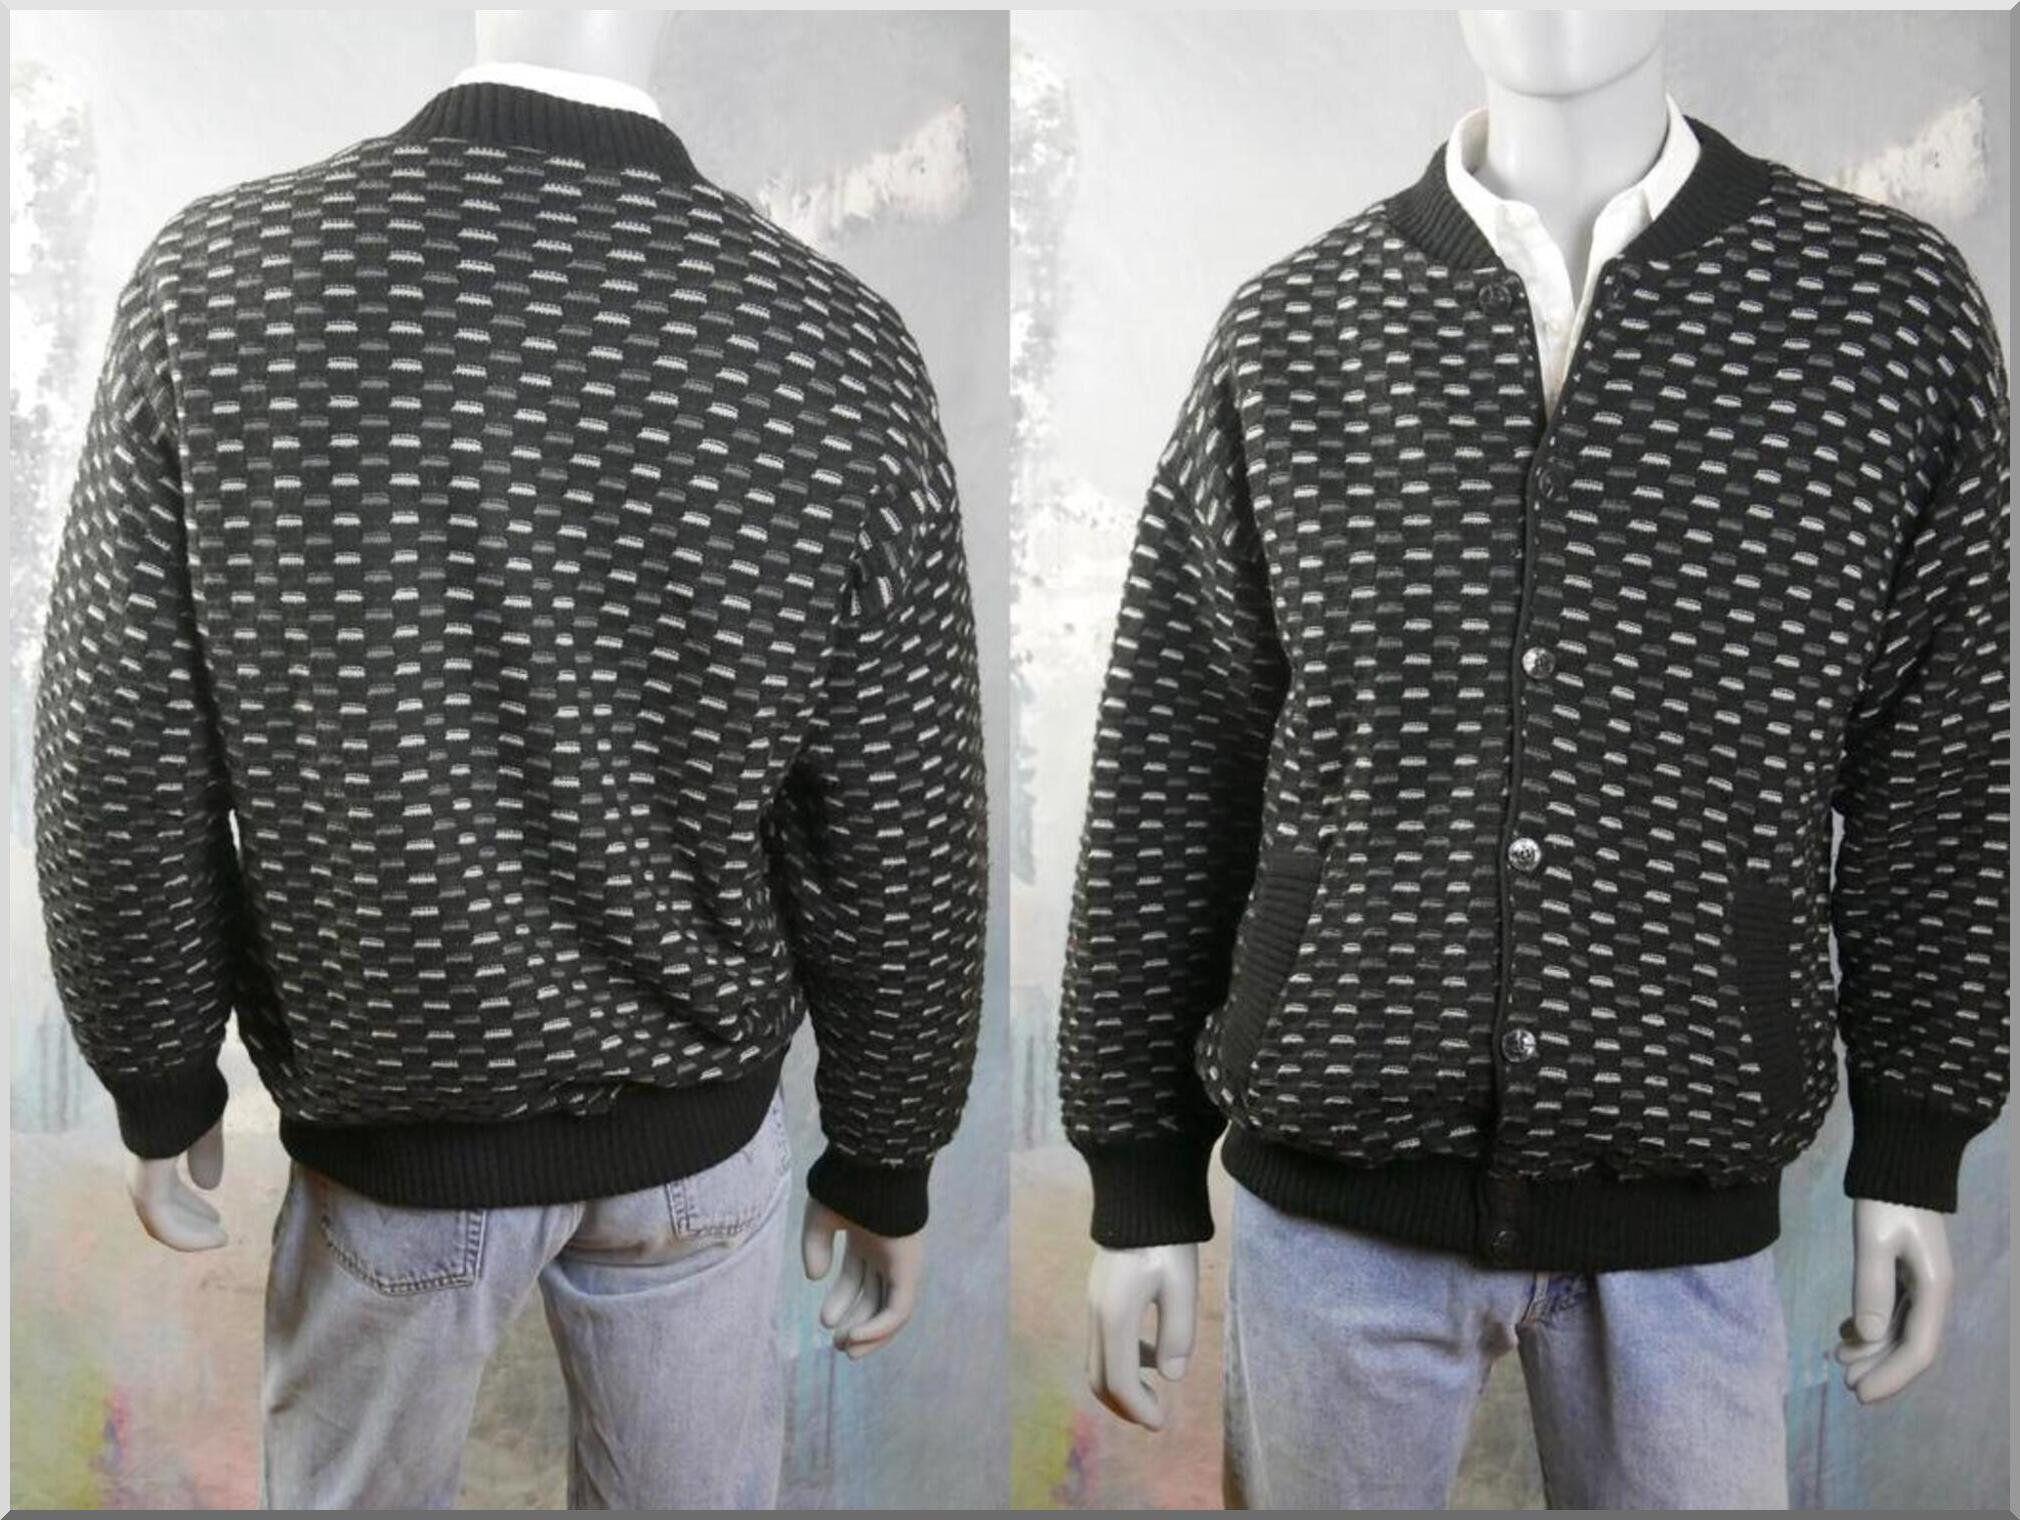 1990s Black & Gray Cardigan-Style Varsity Jacket: Size XXL (46 to 48 US/UK) #varsityjacketoutfit